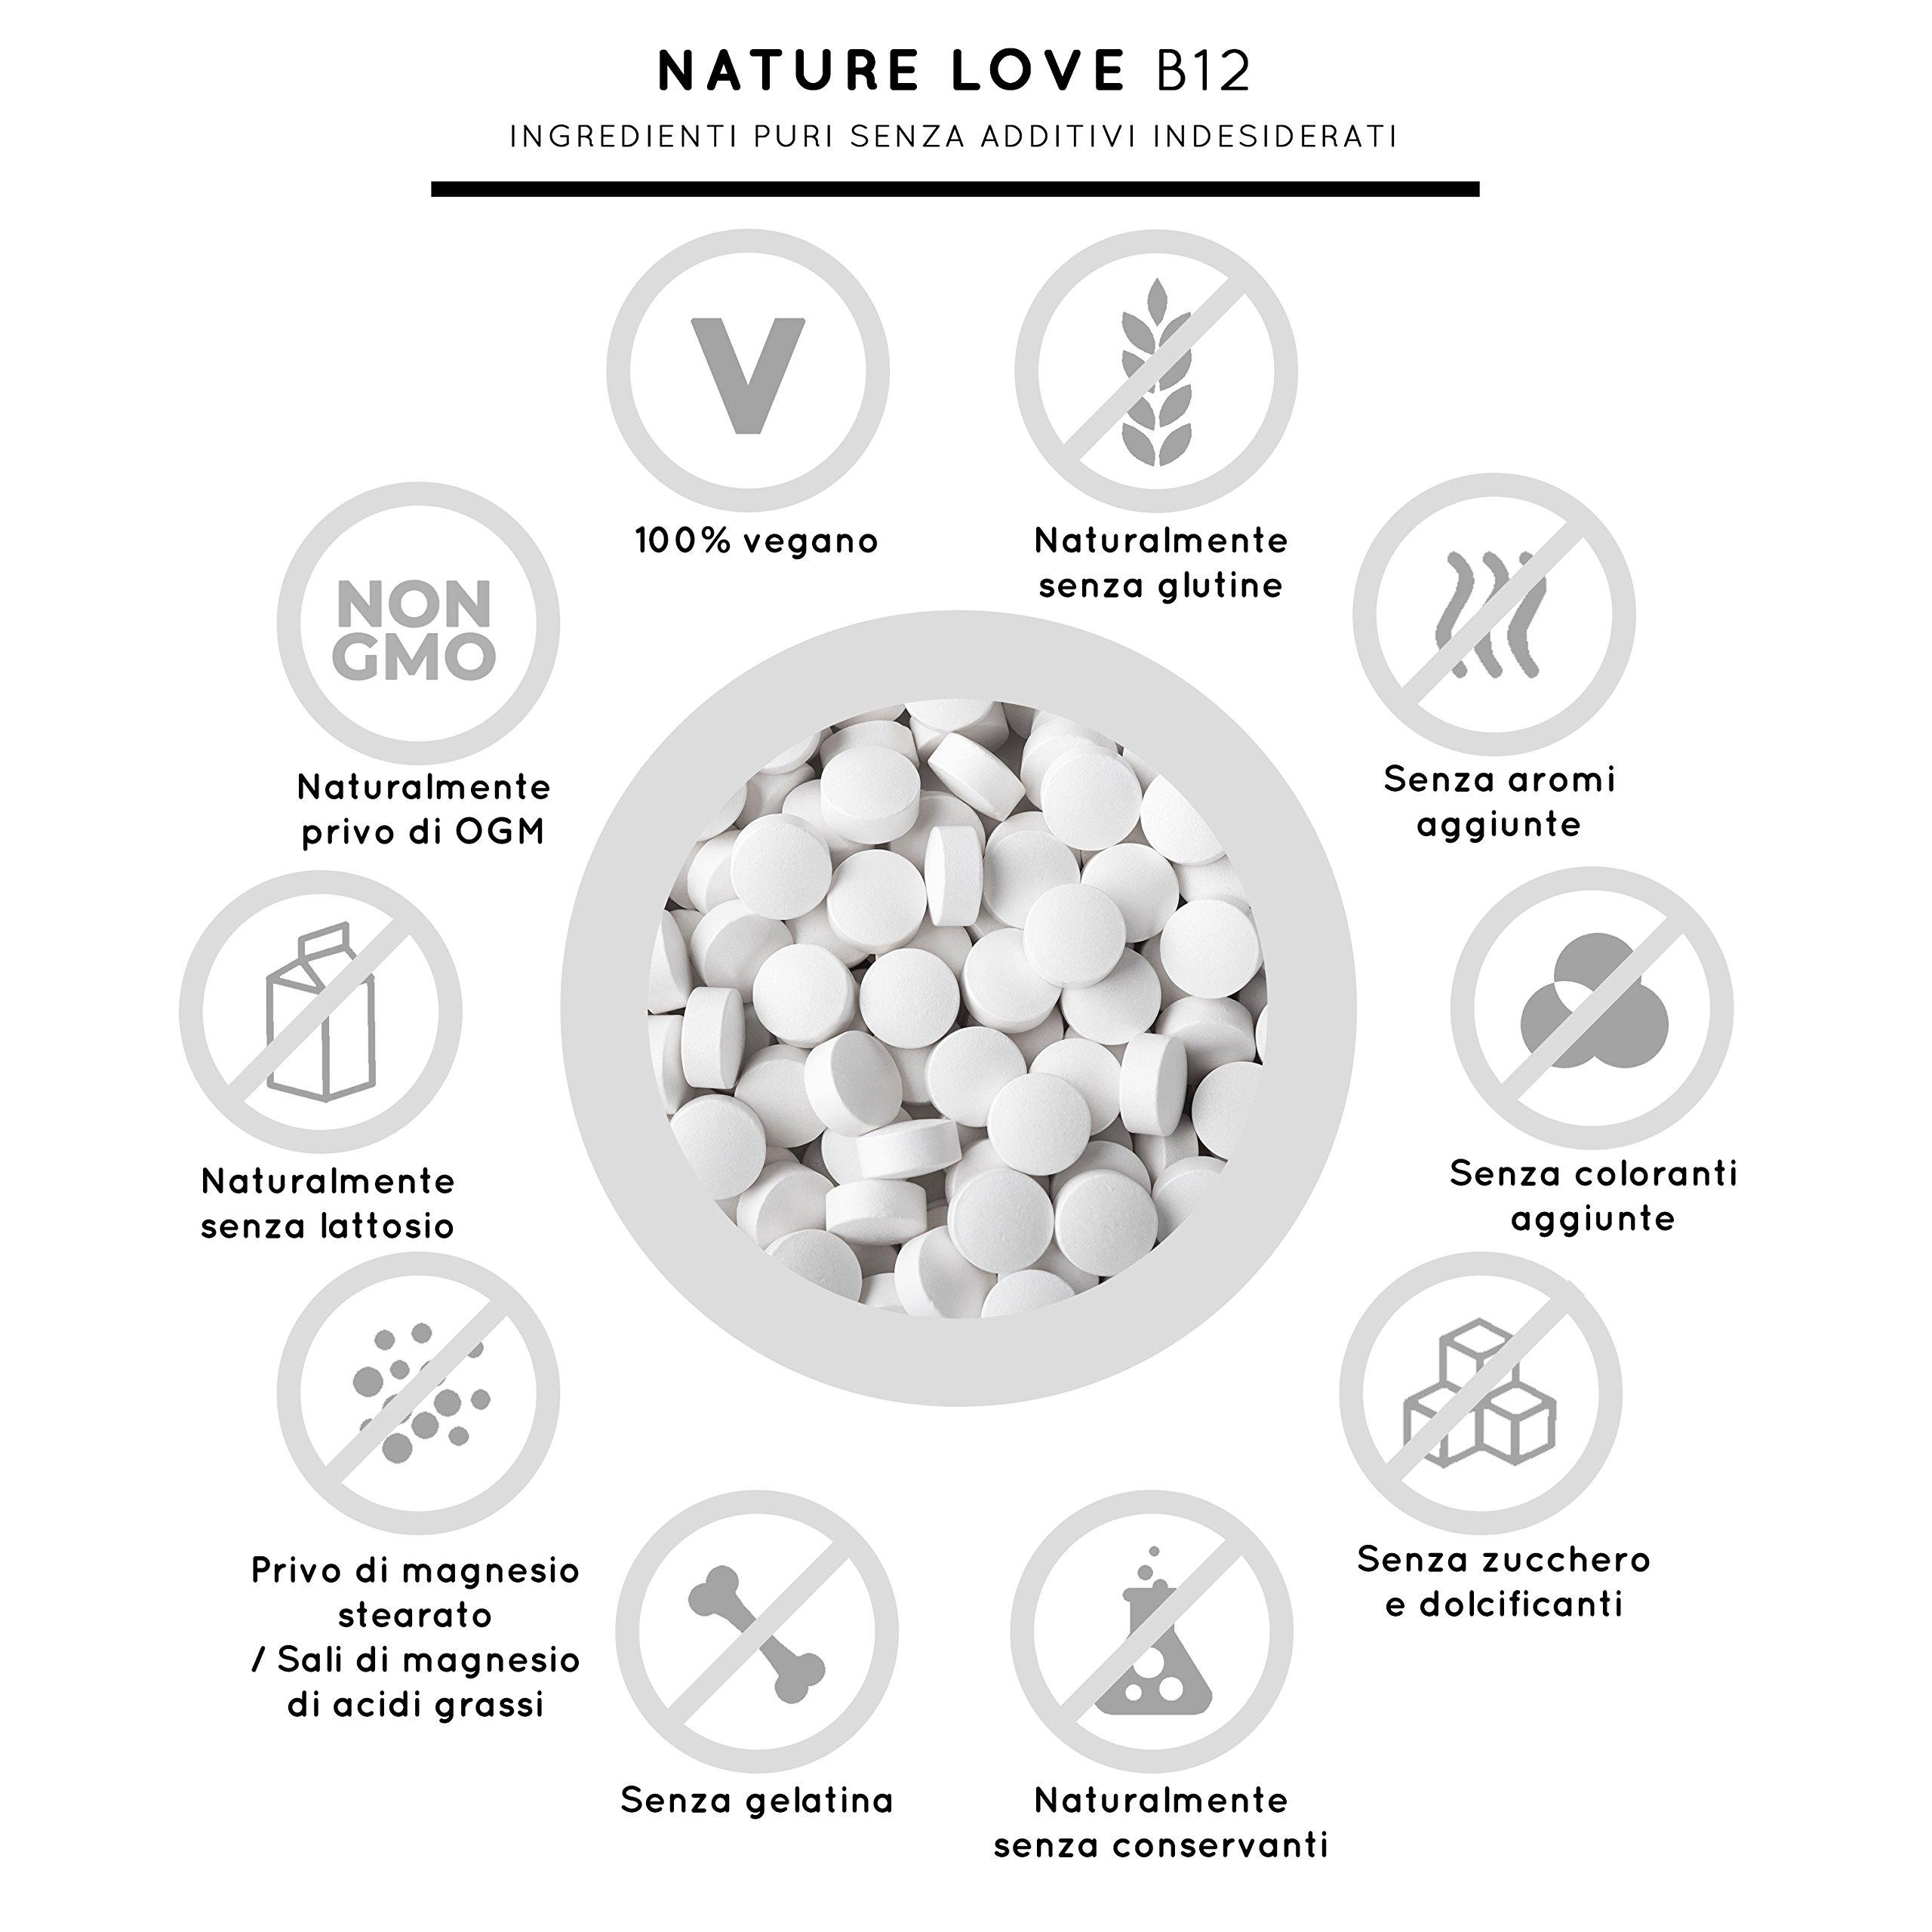 Vitamina B12 - 1000 µg (mcg). 180 compresse. Entrambe le forme bioattive del B12: metilcobalamina e adenosilcobalamina. Con acido folico bioattiva: folati. Con riserve che durano sei mesi. Senza magnesio stearato. Vegano, alto dosaggio, esa